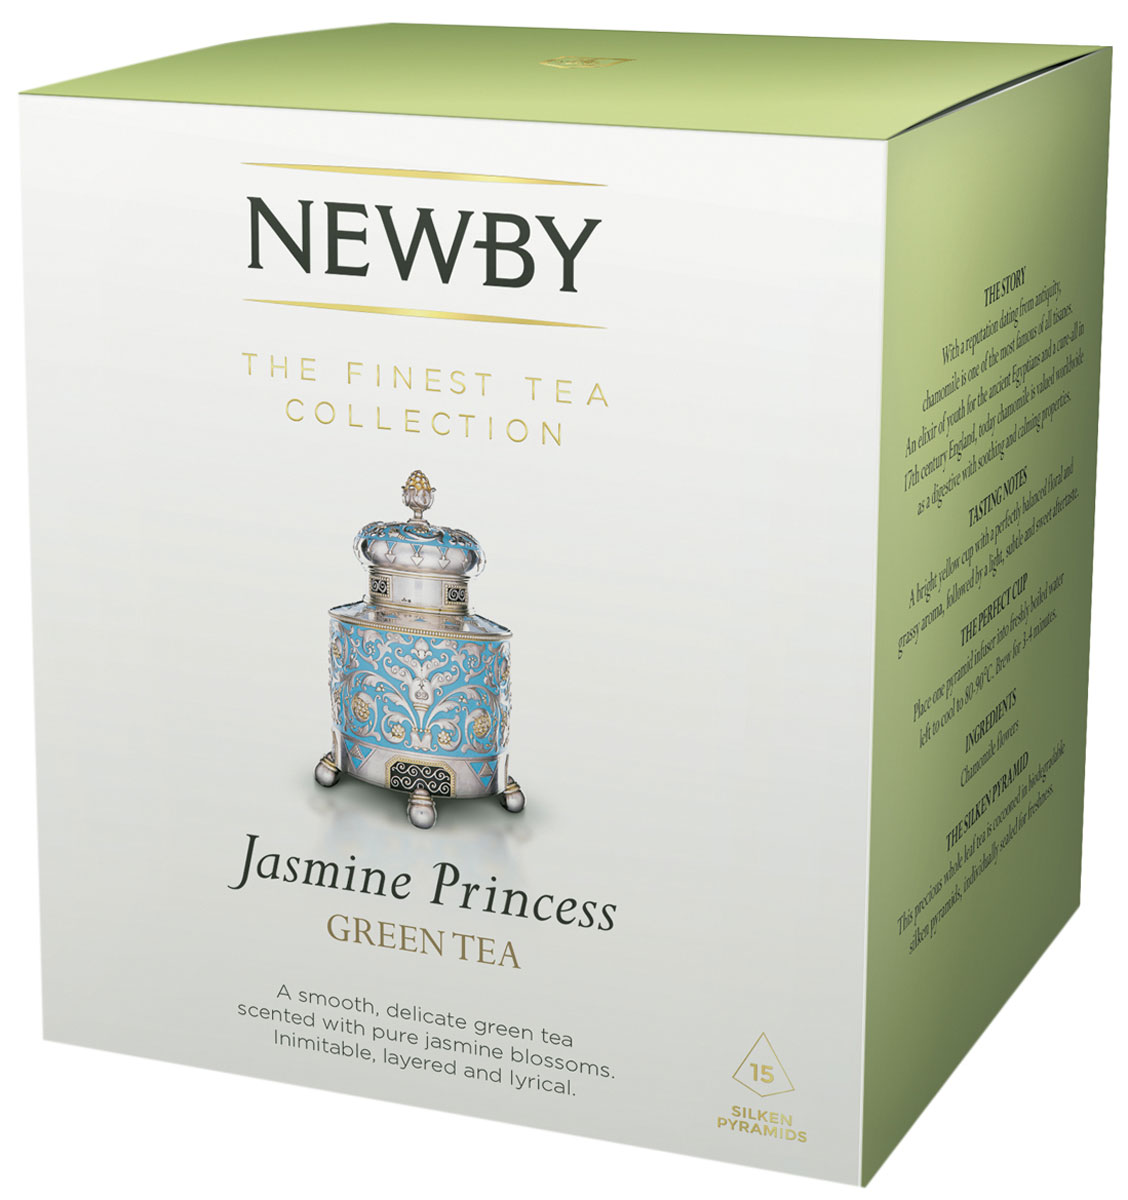 Newby Jasmine Princes зеленый чай в пирамидках, 15 шт0120710Чай Newby Jasmine Princes - это скрученные вручную из нежных типсов жемчужины зеленого чая, ароматизированные свежими цветами жасмина. Каждая пирамидка упакована в индивидуальное саше из алюминиевой фольги для сохранения свежести чайного листа.